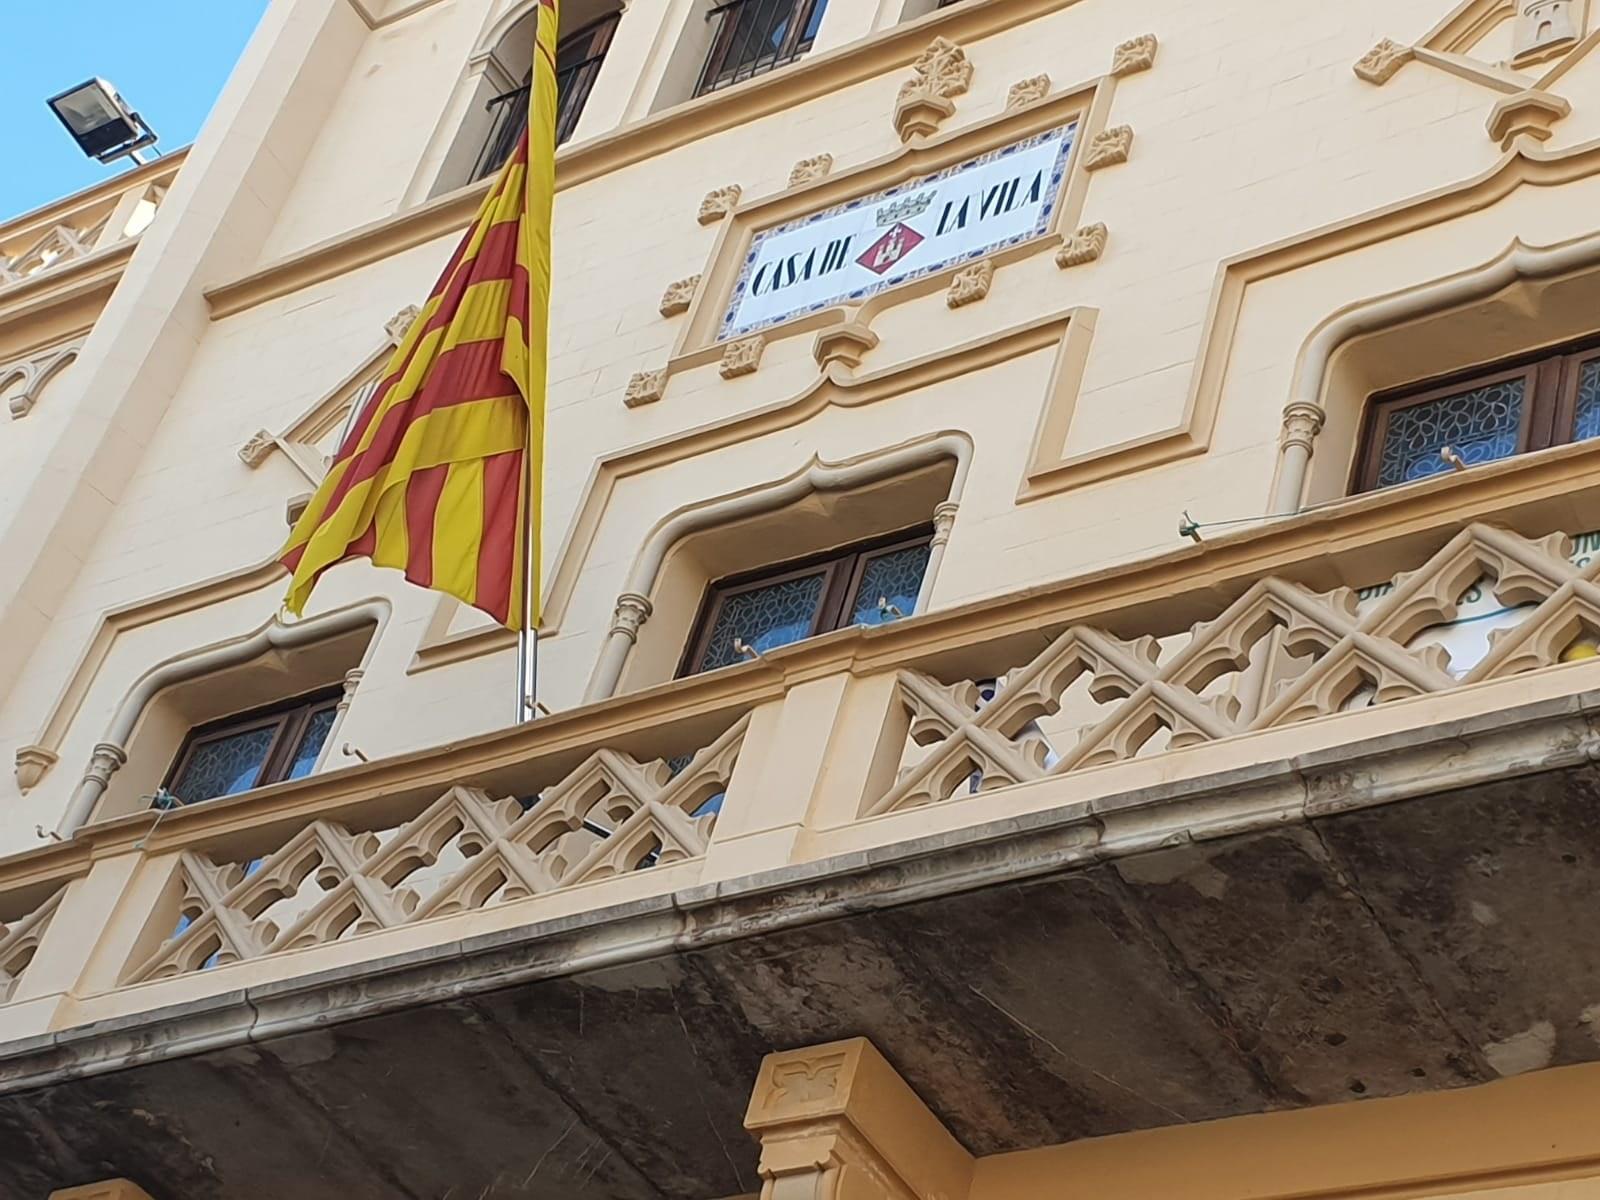 L'Ajuntament de Sitges s'adhereix al Manifest dels ens locals davant la crisi del coronavirus